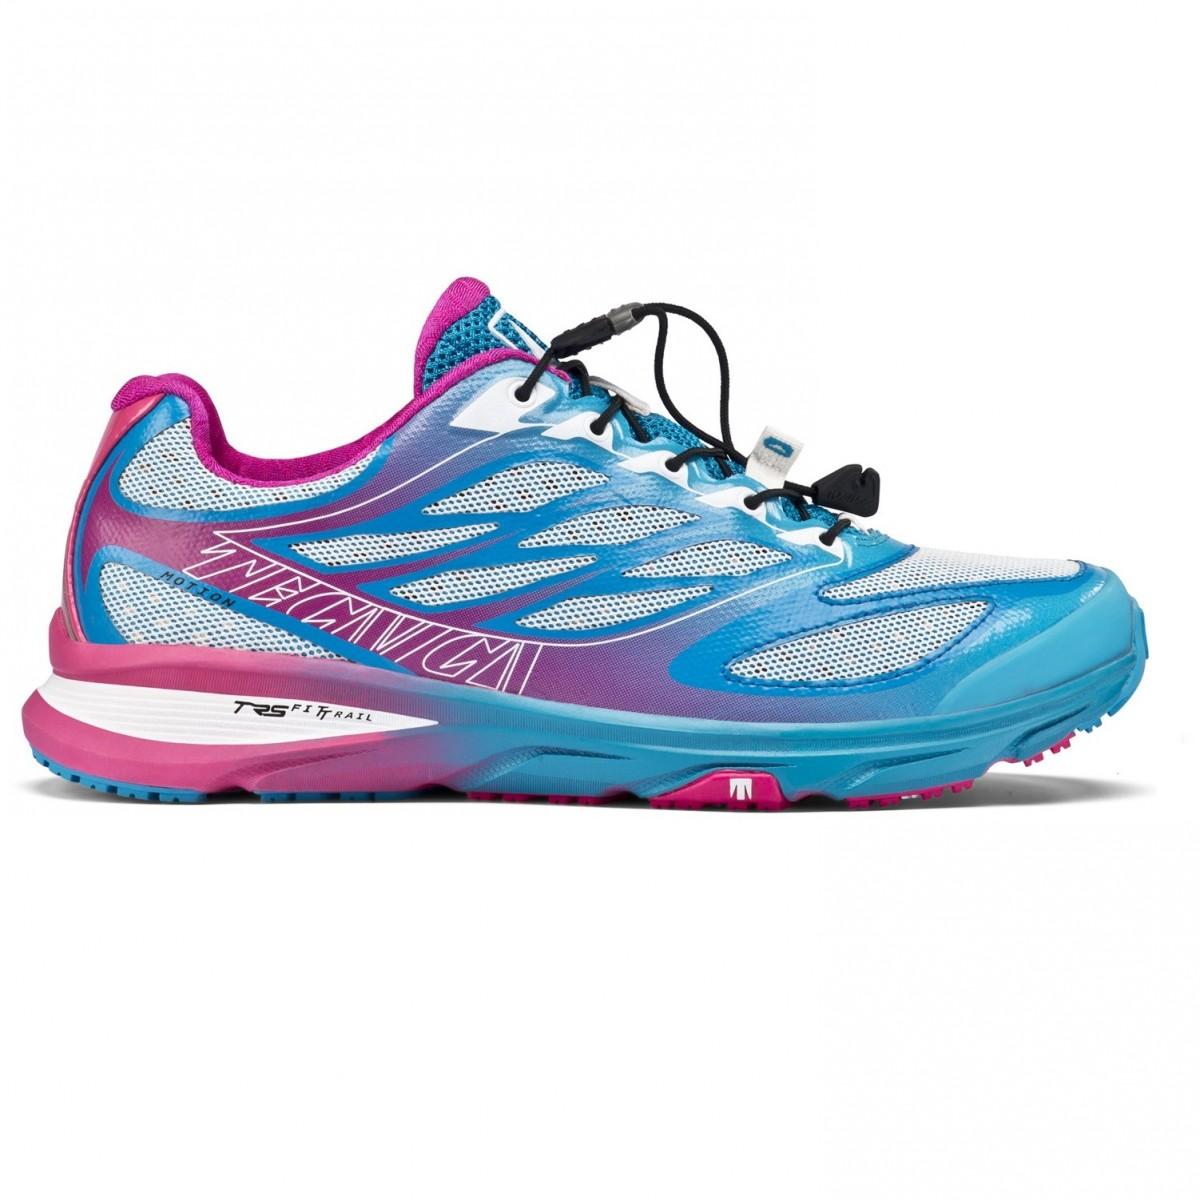 Tecnica   Motion Fitrail Ws   scarpe trail running donna fucsia/azzurro